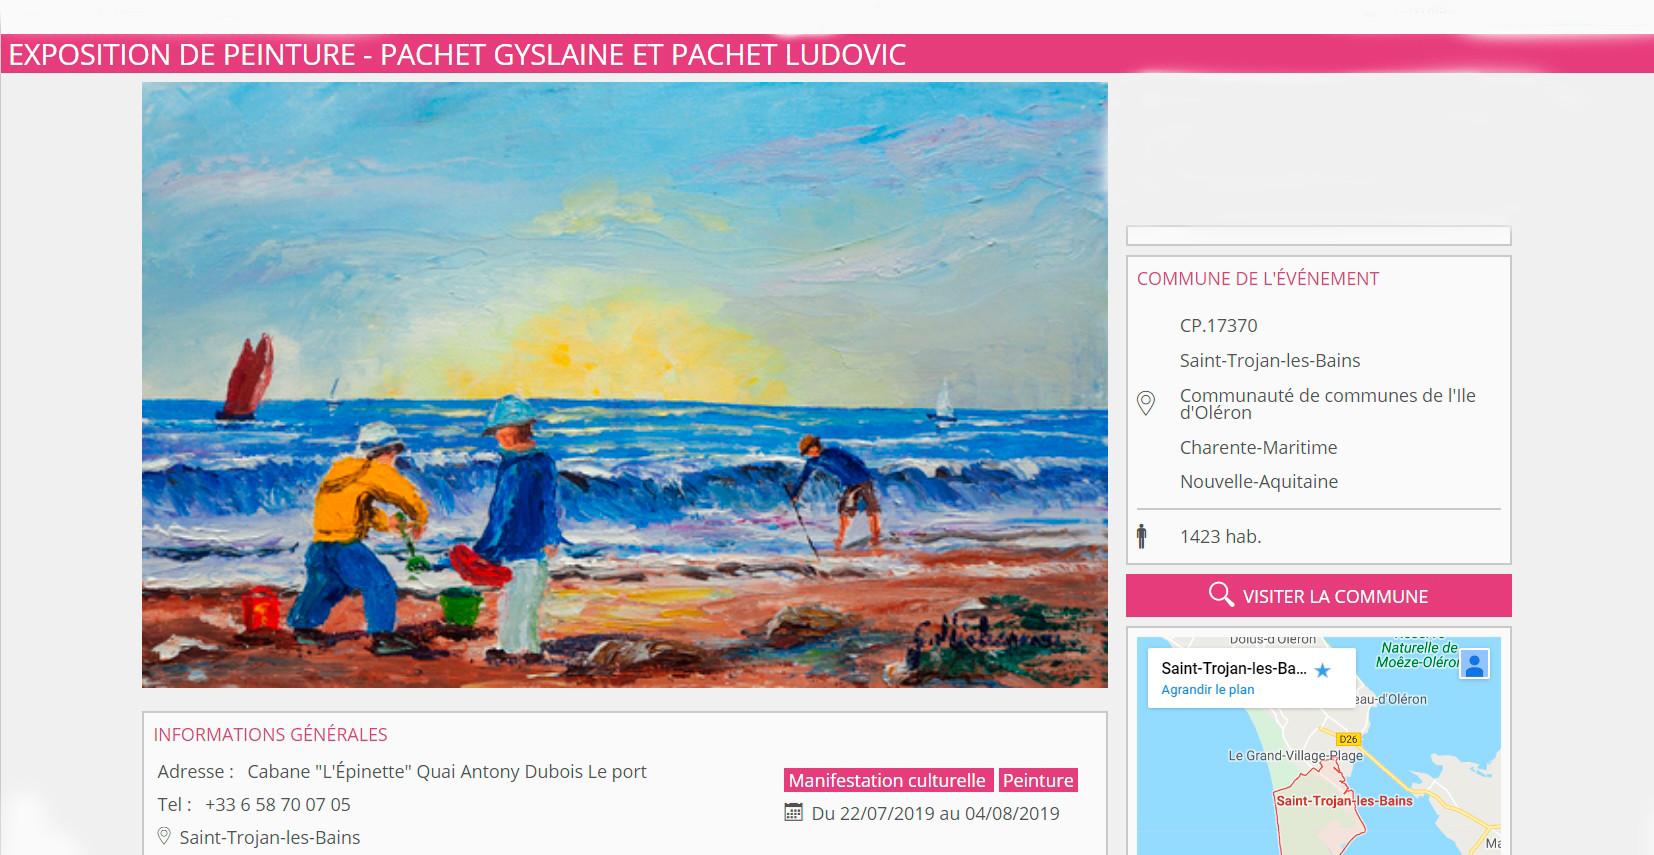 Exposition de peinture Gyslaine et Ludovic Pachet